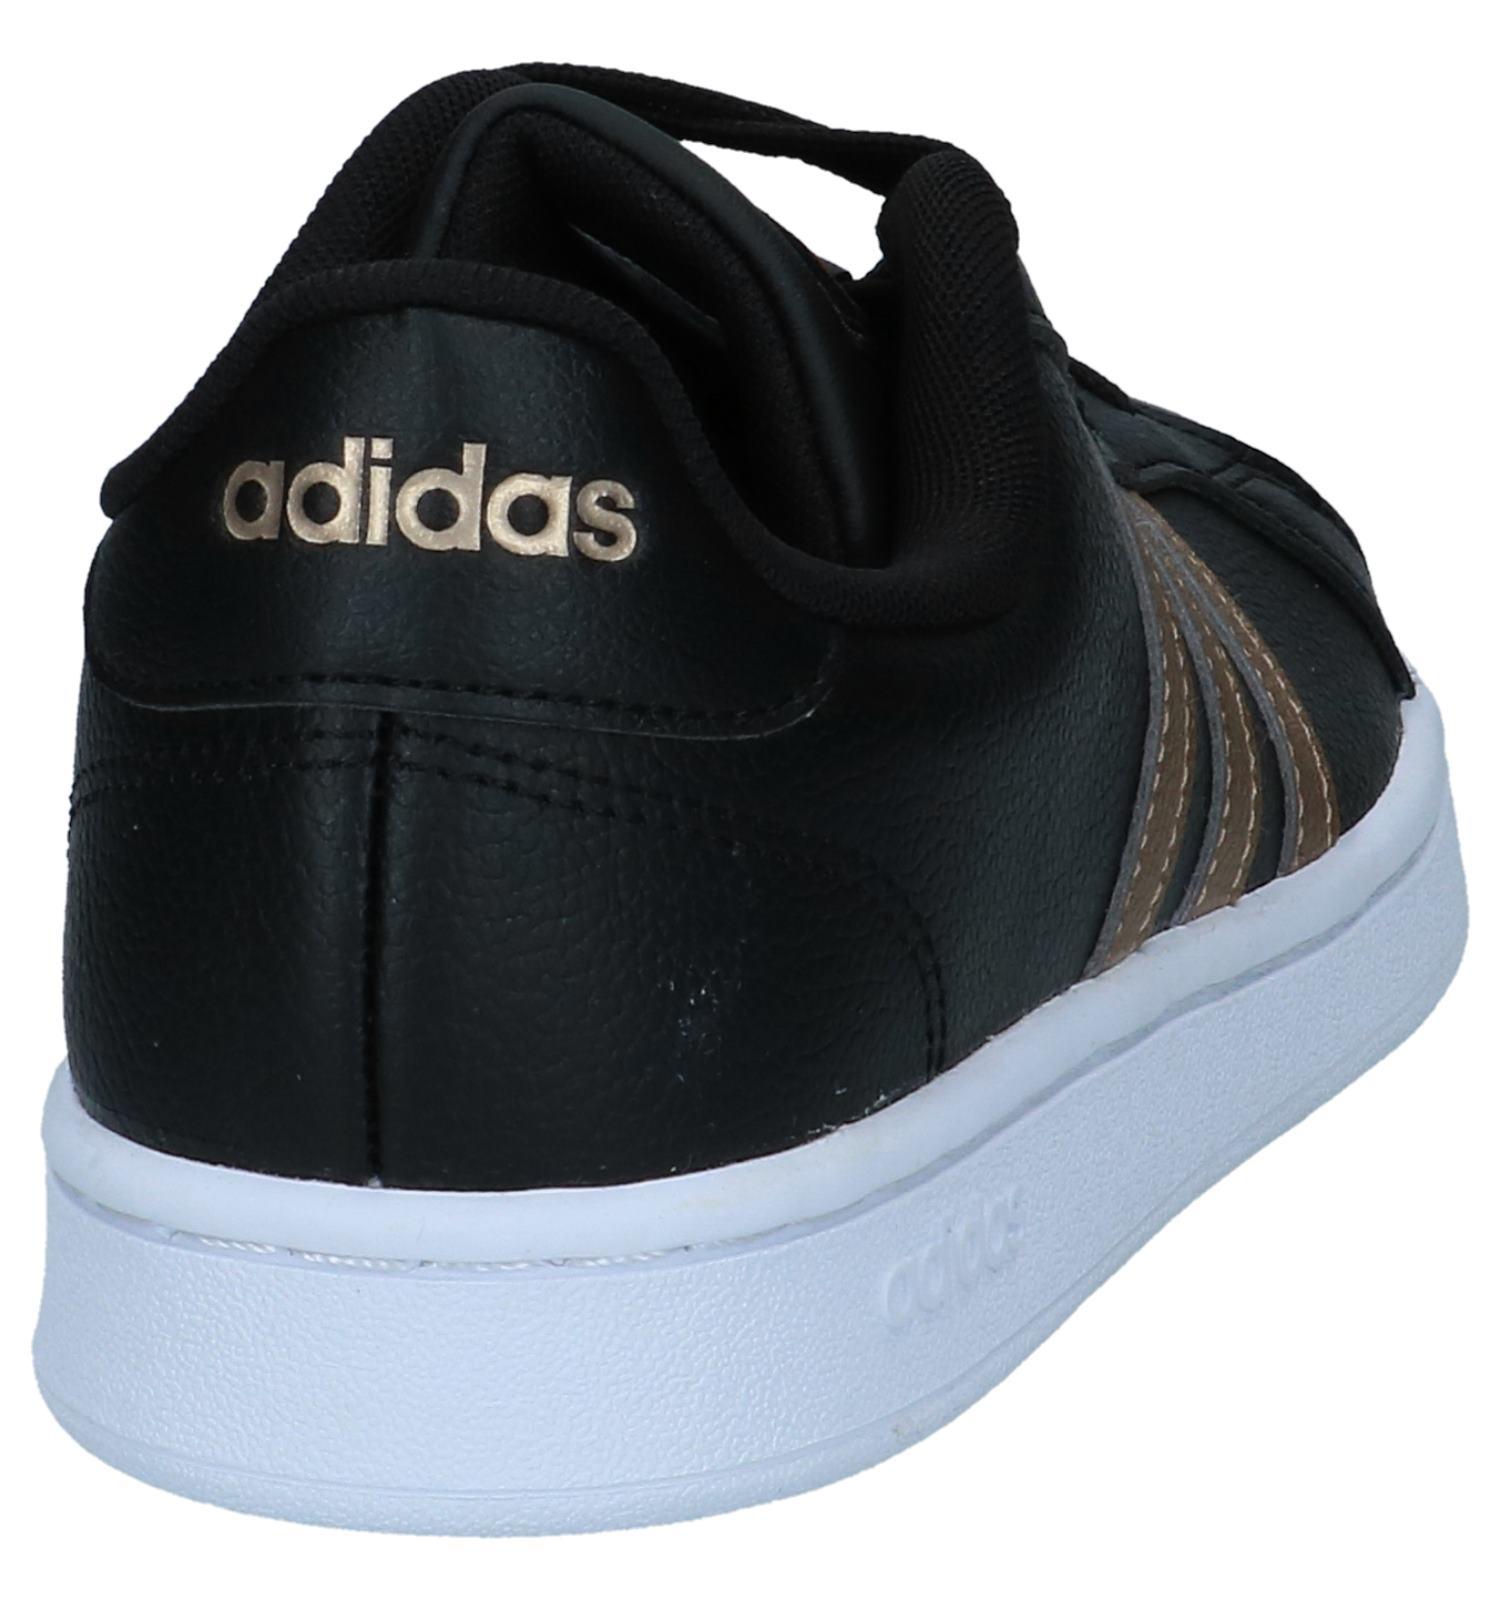 1247db75fd2 Zwarte Sneakers adidas Grand Court | TORFS.BE | Gratis verzend en retour